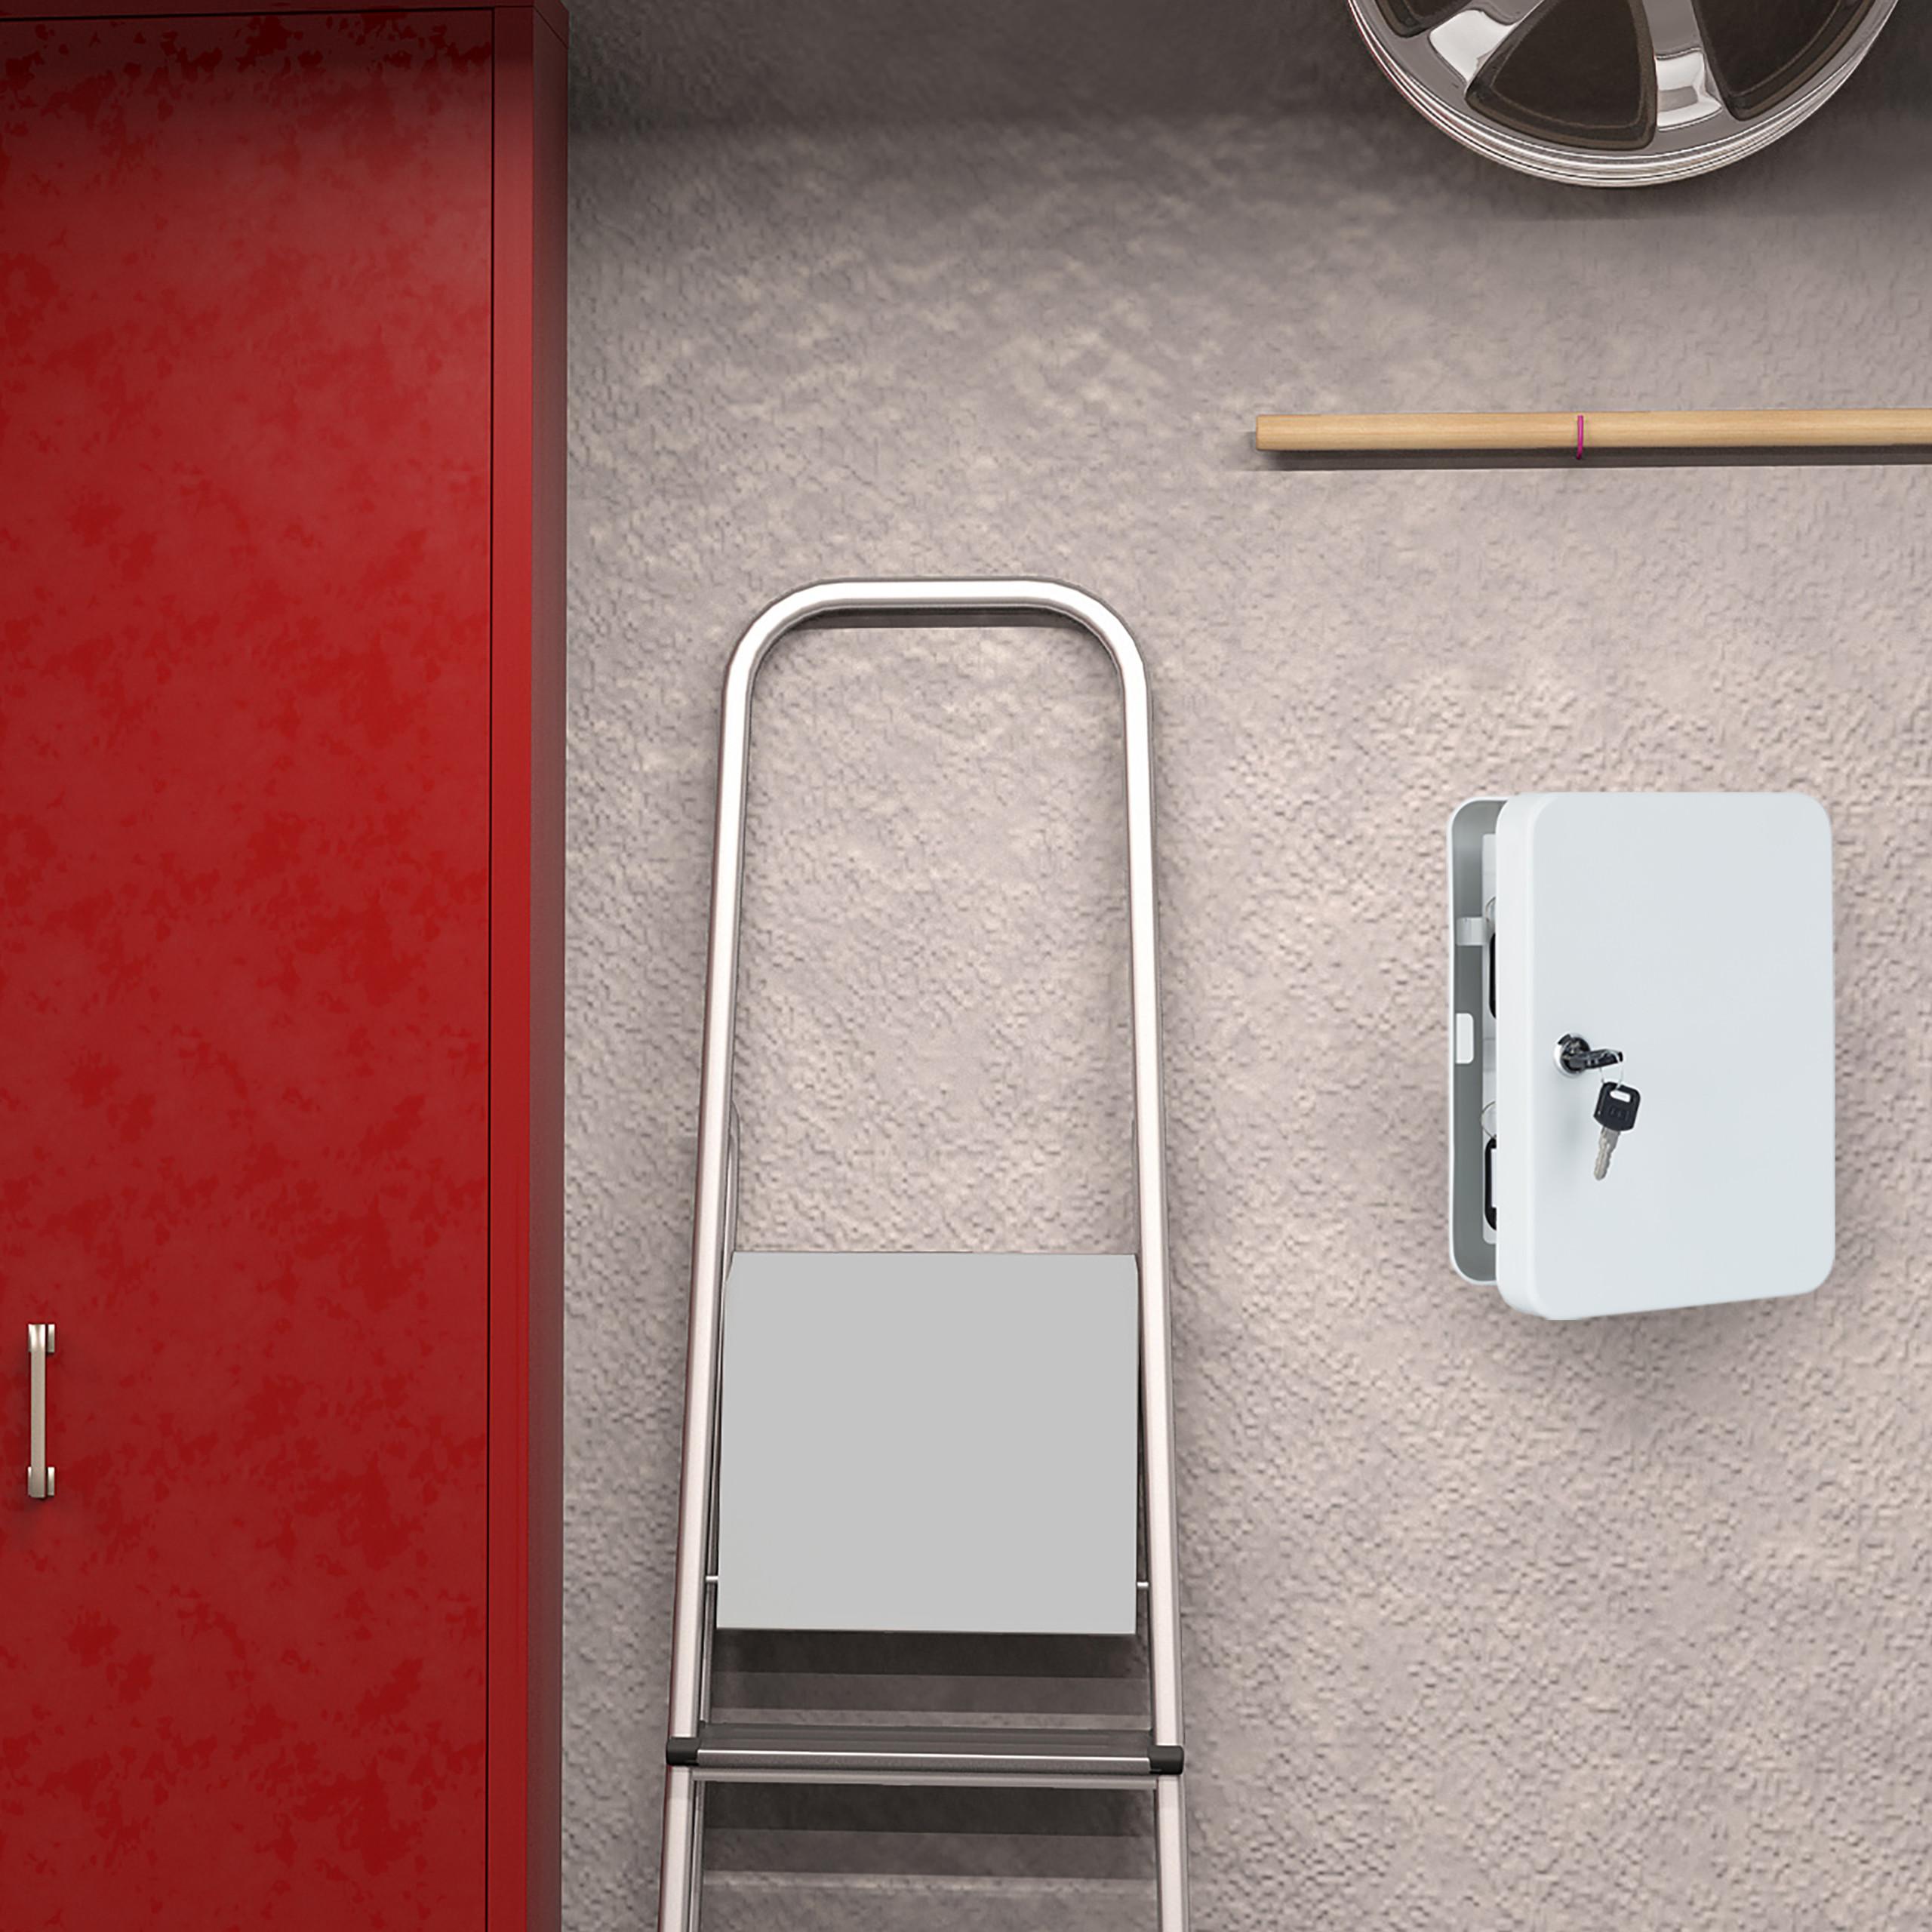 Boite-a-cles-armoire-a-clef-murale-rangement-48-crochets-fermant-a-cle-garage miniature 5